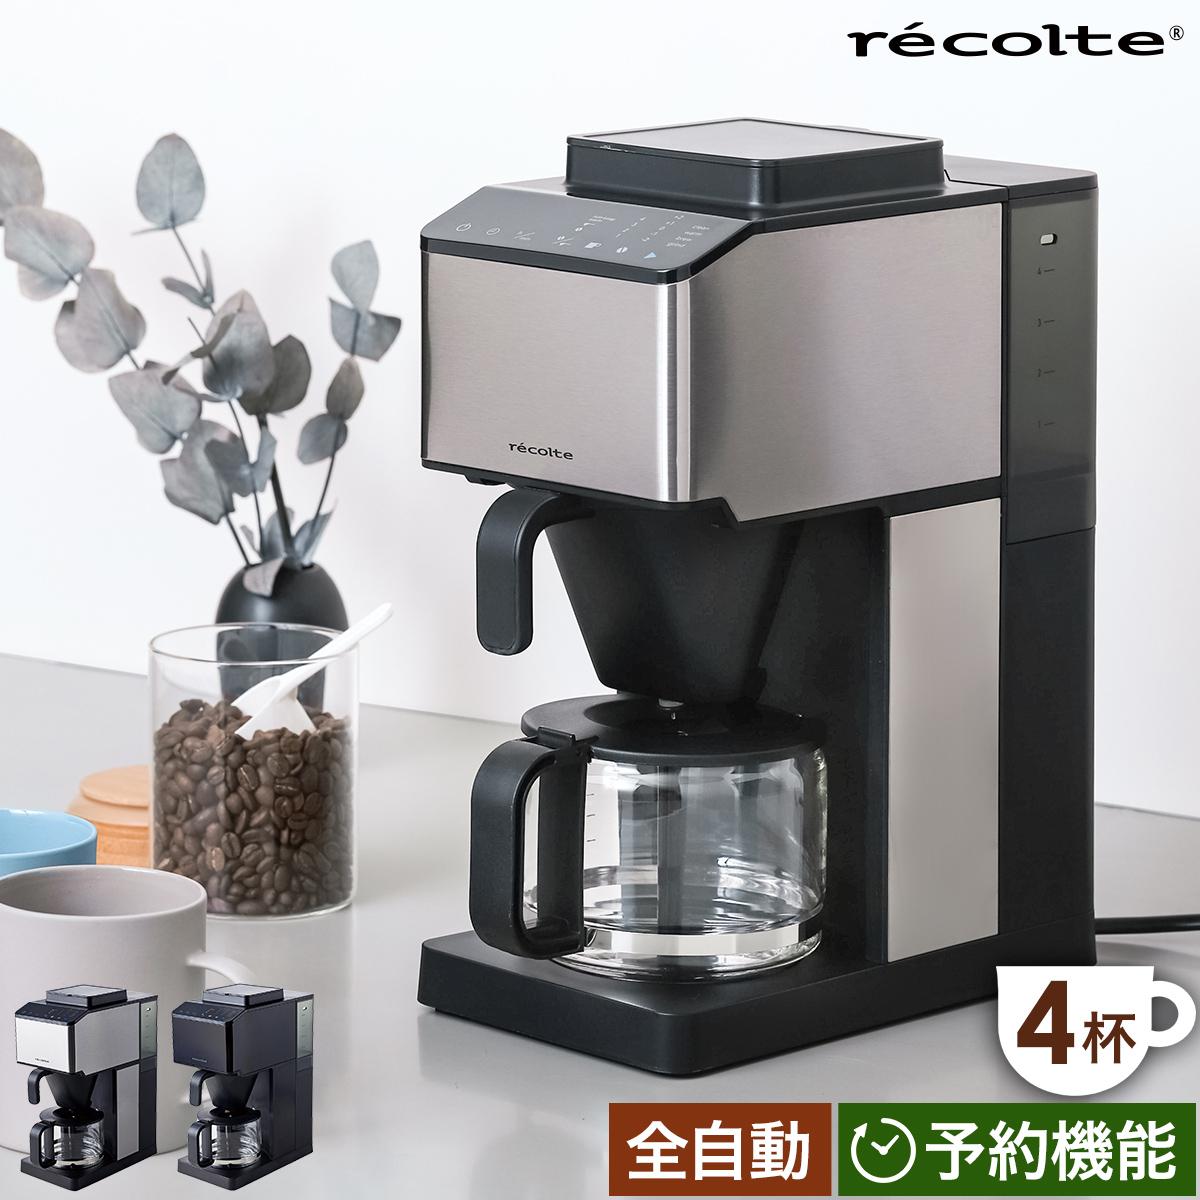 本格的な挽きたてコーヒーの味と香りが簡単に楽しめるコーン式全自動コーヒーメーカー コーヒー豆の挽目は無段階で調節できます 水タンクは着脱可能でお手入れしやすく 使い勝手 レコルト 全自動コーヒーメーカー 選べる特典付き 訳あり商品 ミル付き 全自動 おしゃれ ステンレス 保温 挽目調節 濃度調節 RCD-1 ペーパーフィルター 送料無料 予約機能 コニカル式 recolte コーヒーマシン 格安 価格でご提供いたします コーン式 タイマー Coffee Maker Brew Grind